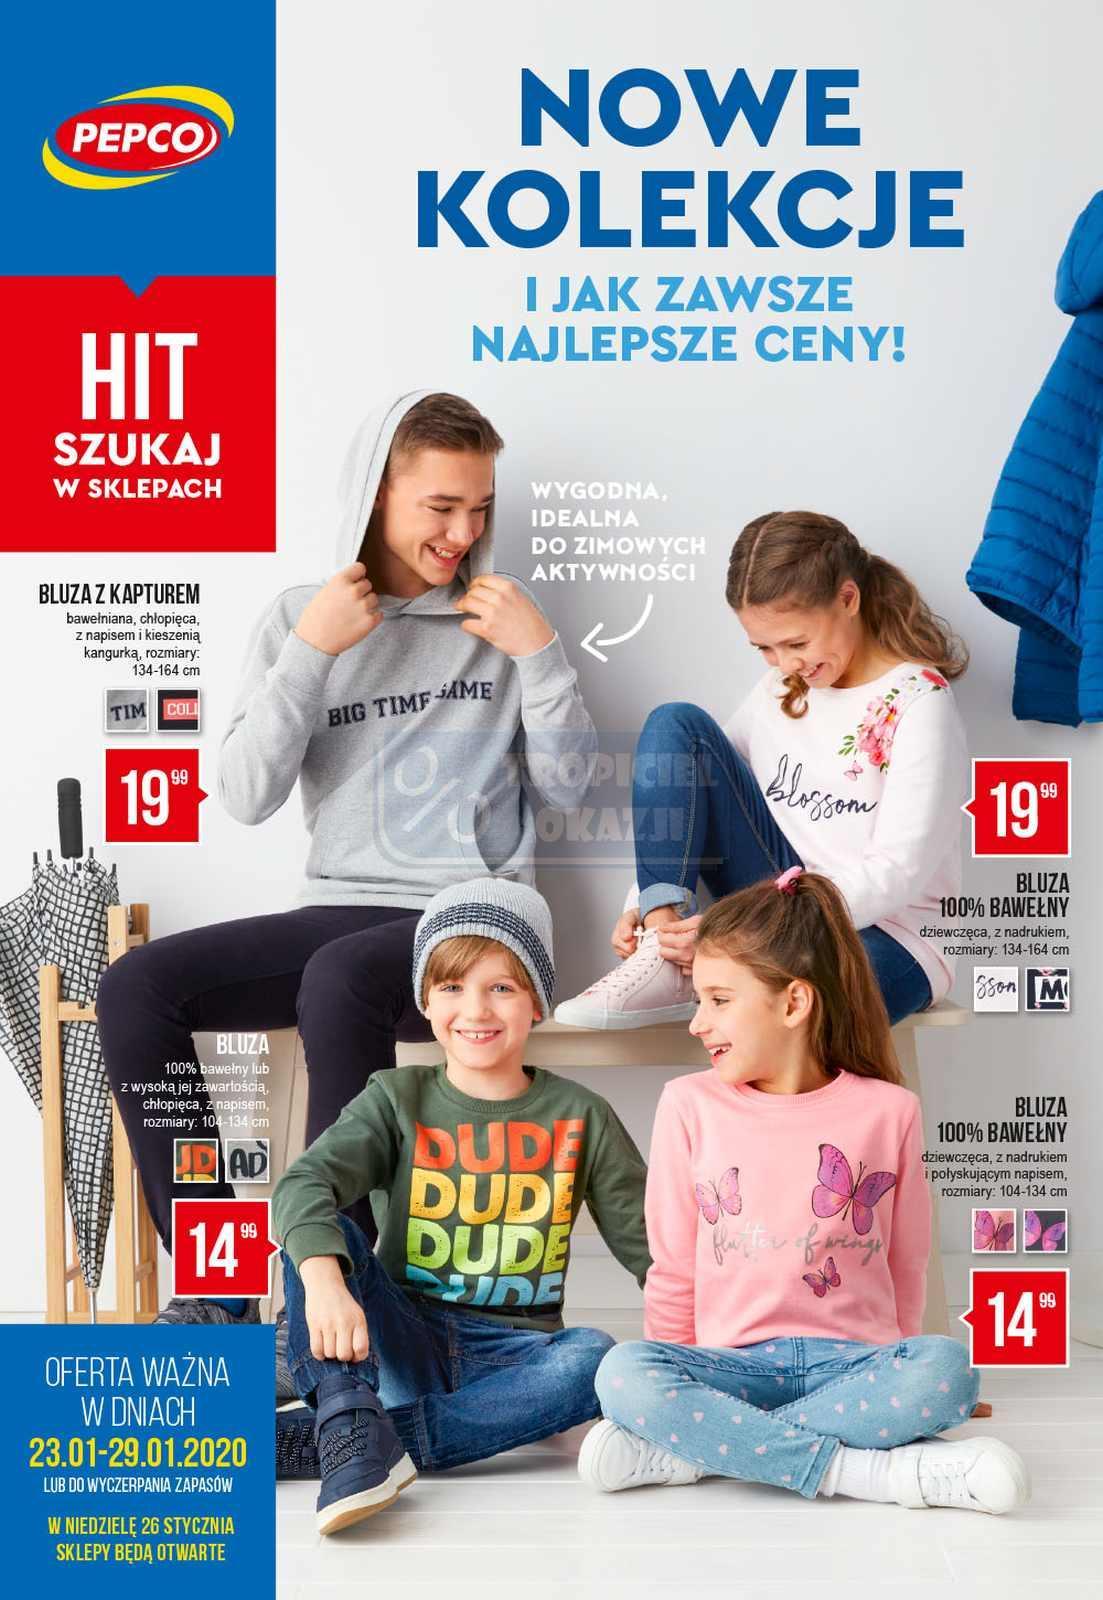 Gazetka promocyjna Pepco do 29/01/2020 str.1